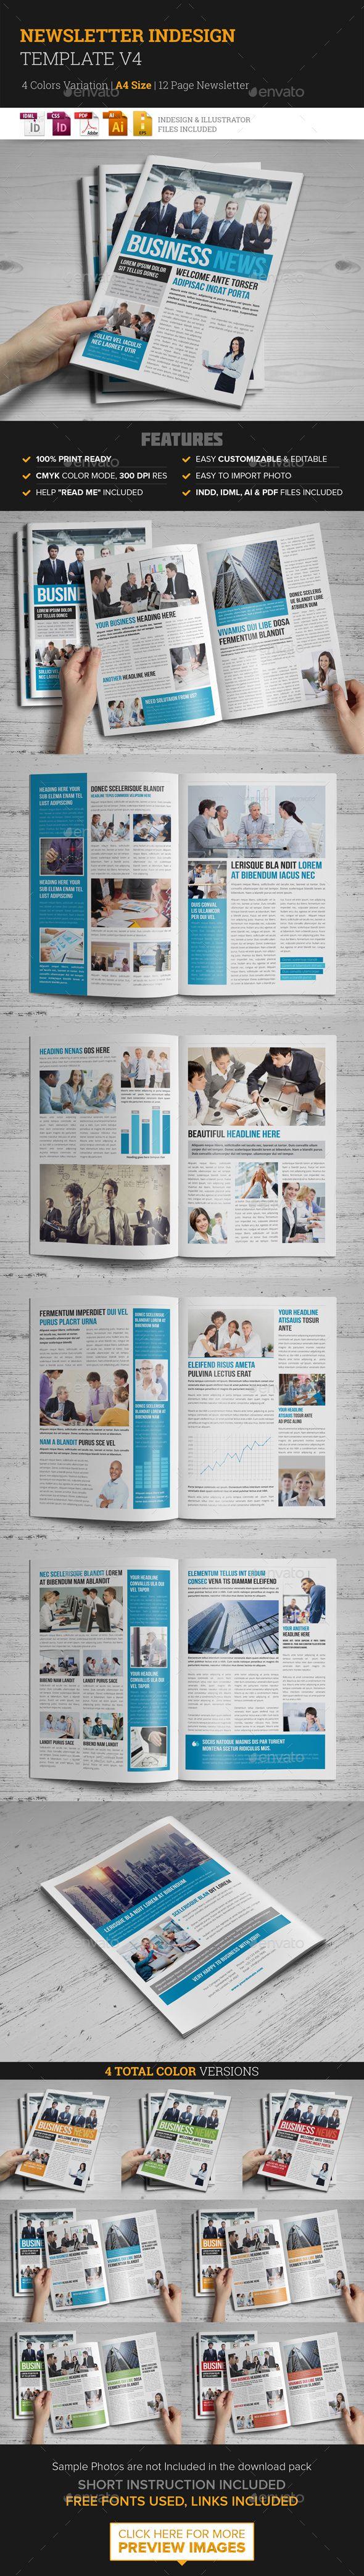 Newsletter Indesign Template v4 115 best Print